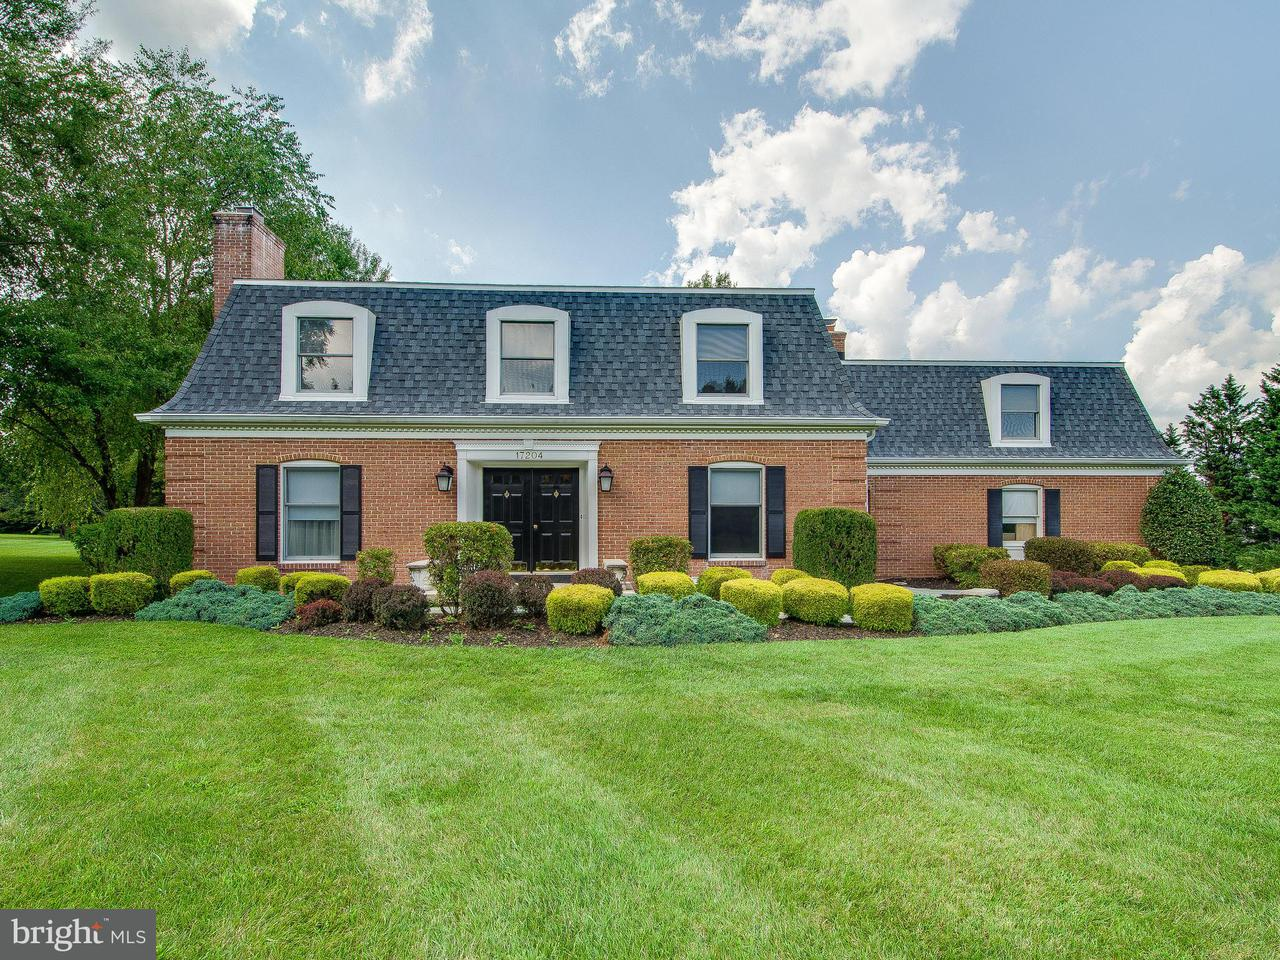 獨棟家庭住宅 為 出售 在 17204 PALOMINO Court 17204 PALOMINO Court Olney, 馬里蘭州 20832 美國